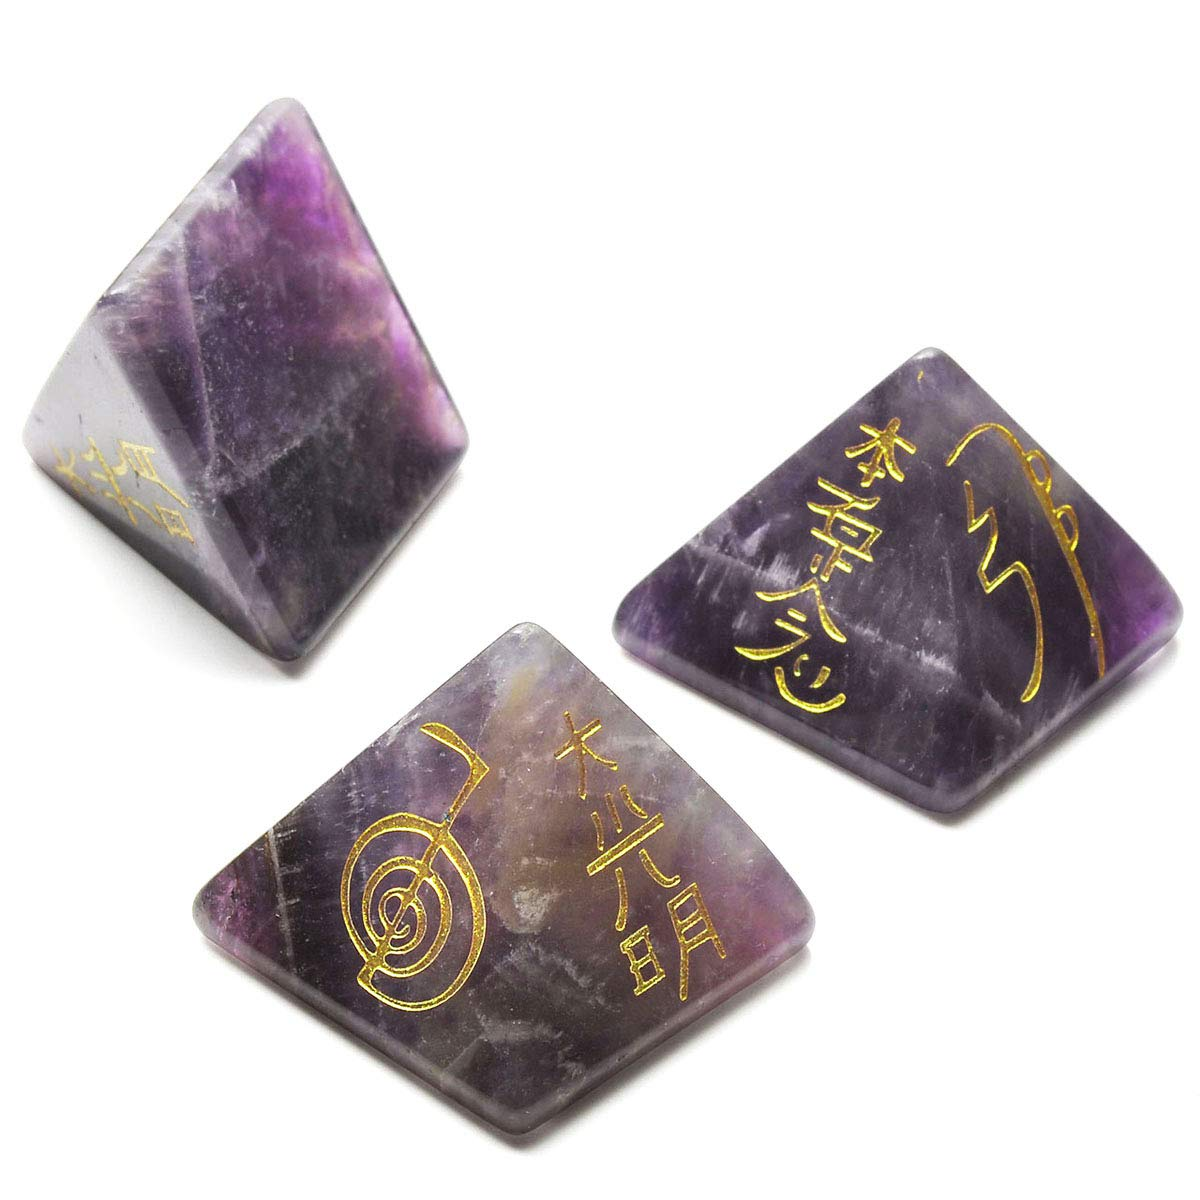 CrystalTears Usui Reiki Symbols Pyramid-Lapiz Lazuli w//Etched Reiki Symbols Healing Crystal Stone